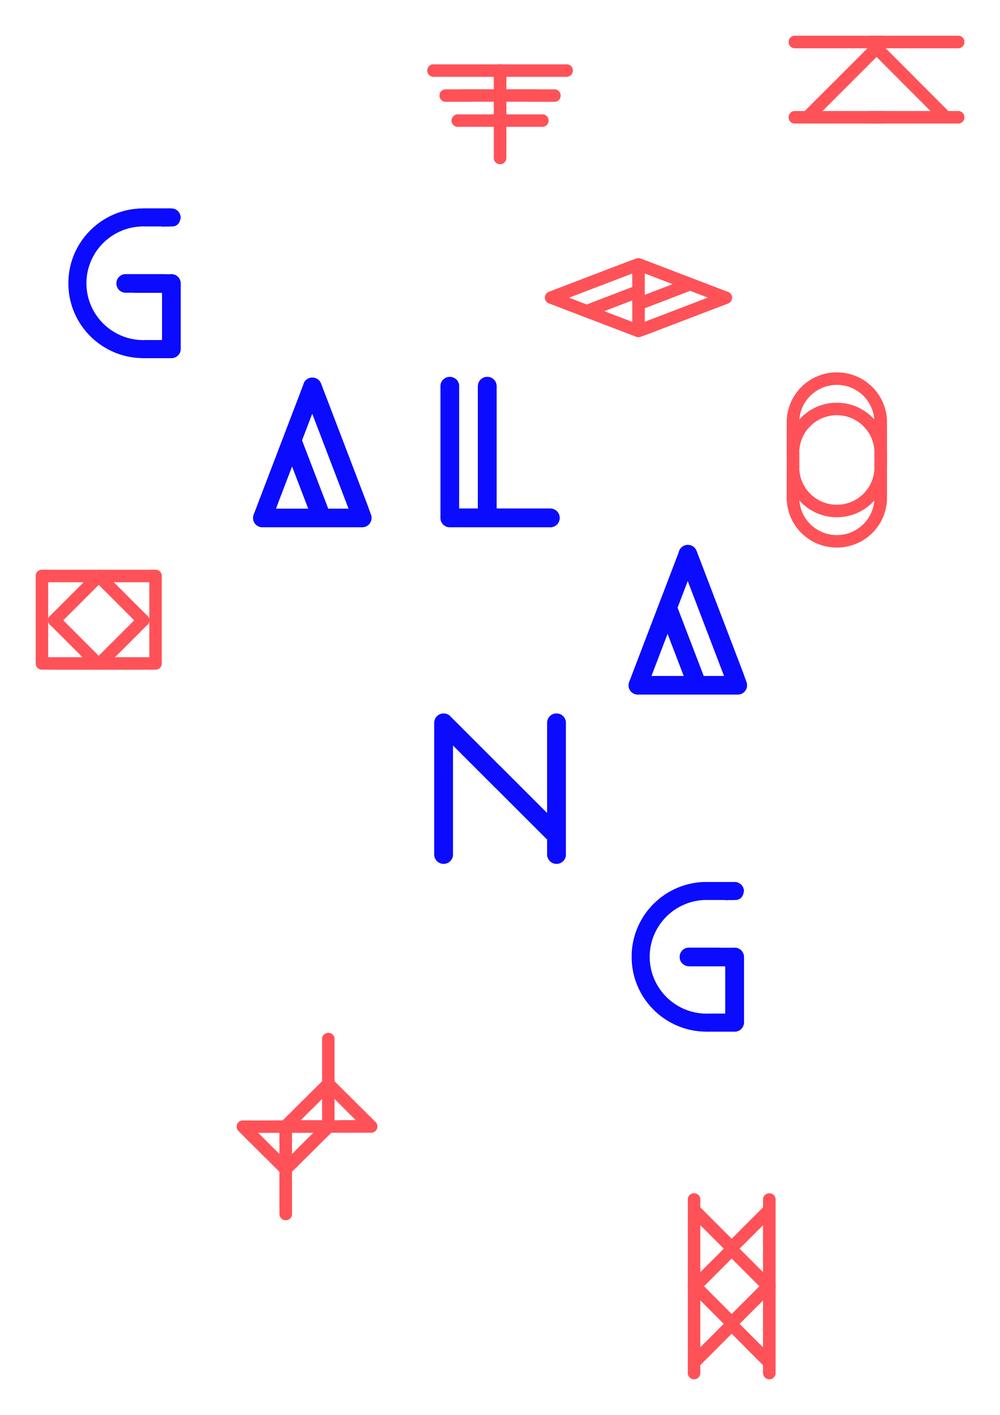 galang2.jpg